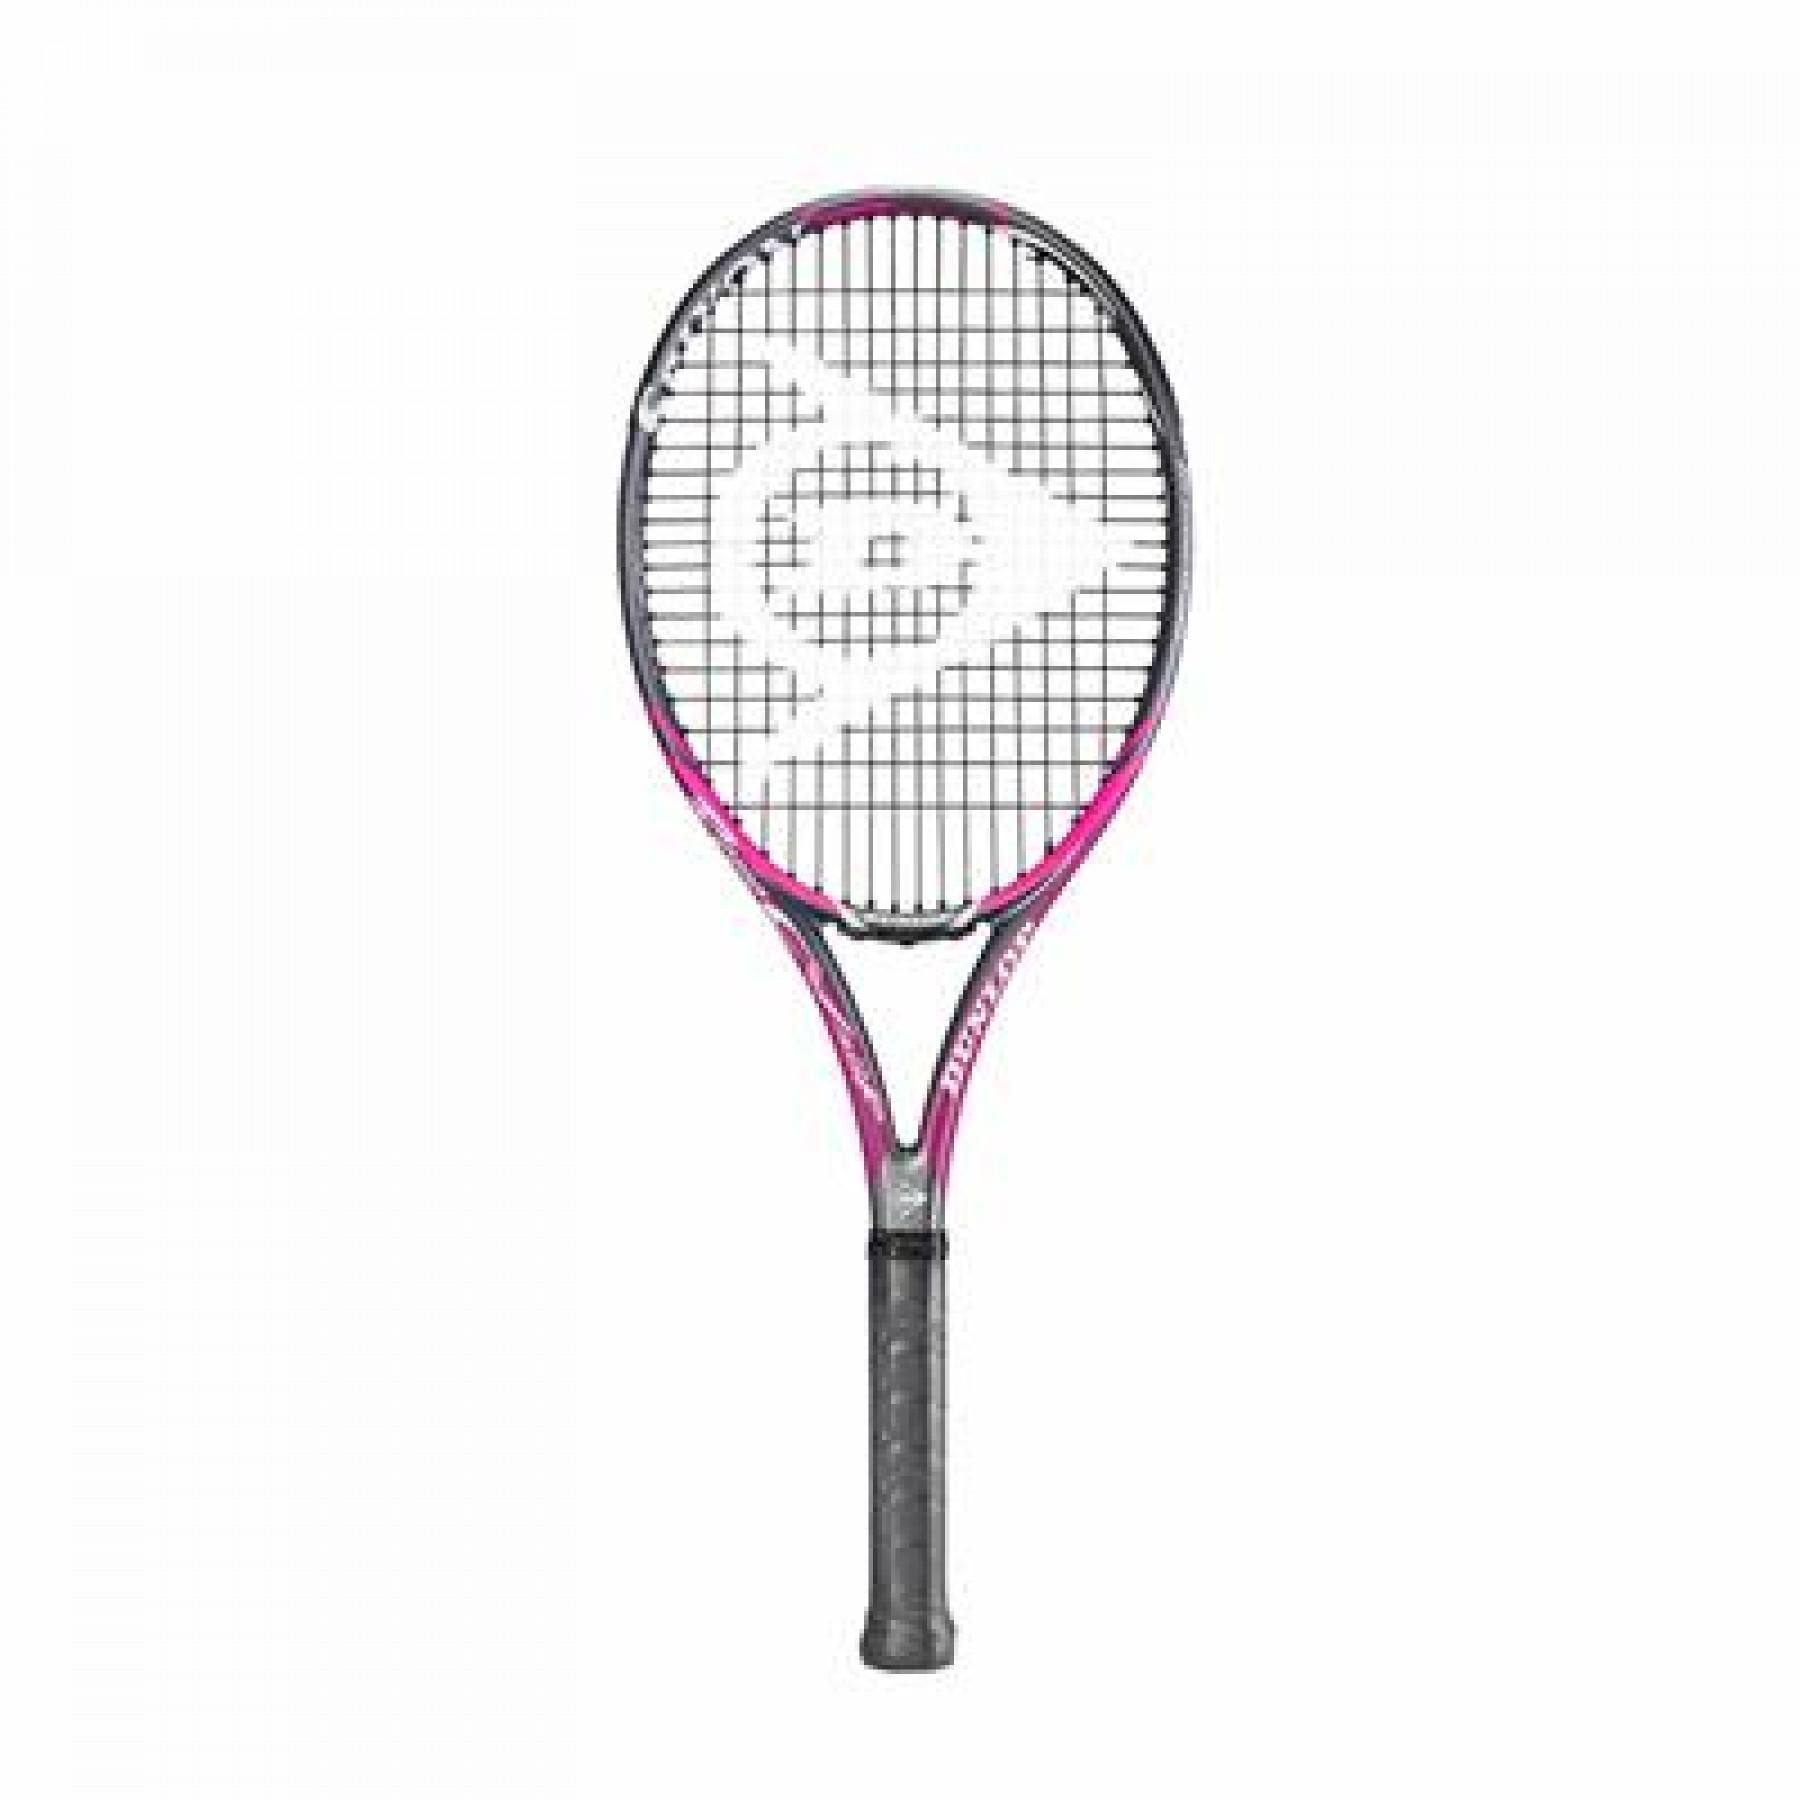 Tennis racquet Dunlop Tf Srx 18Revo cv 3.0 F-LS G0